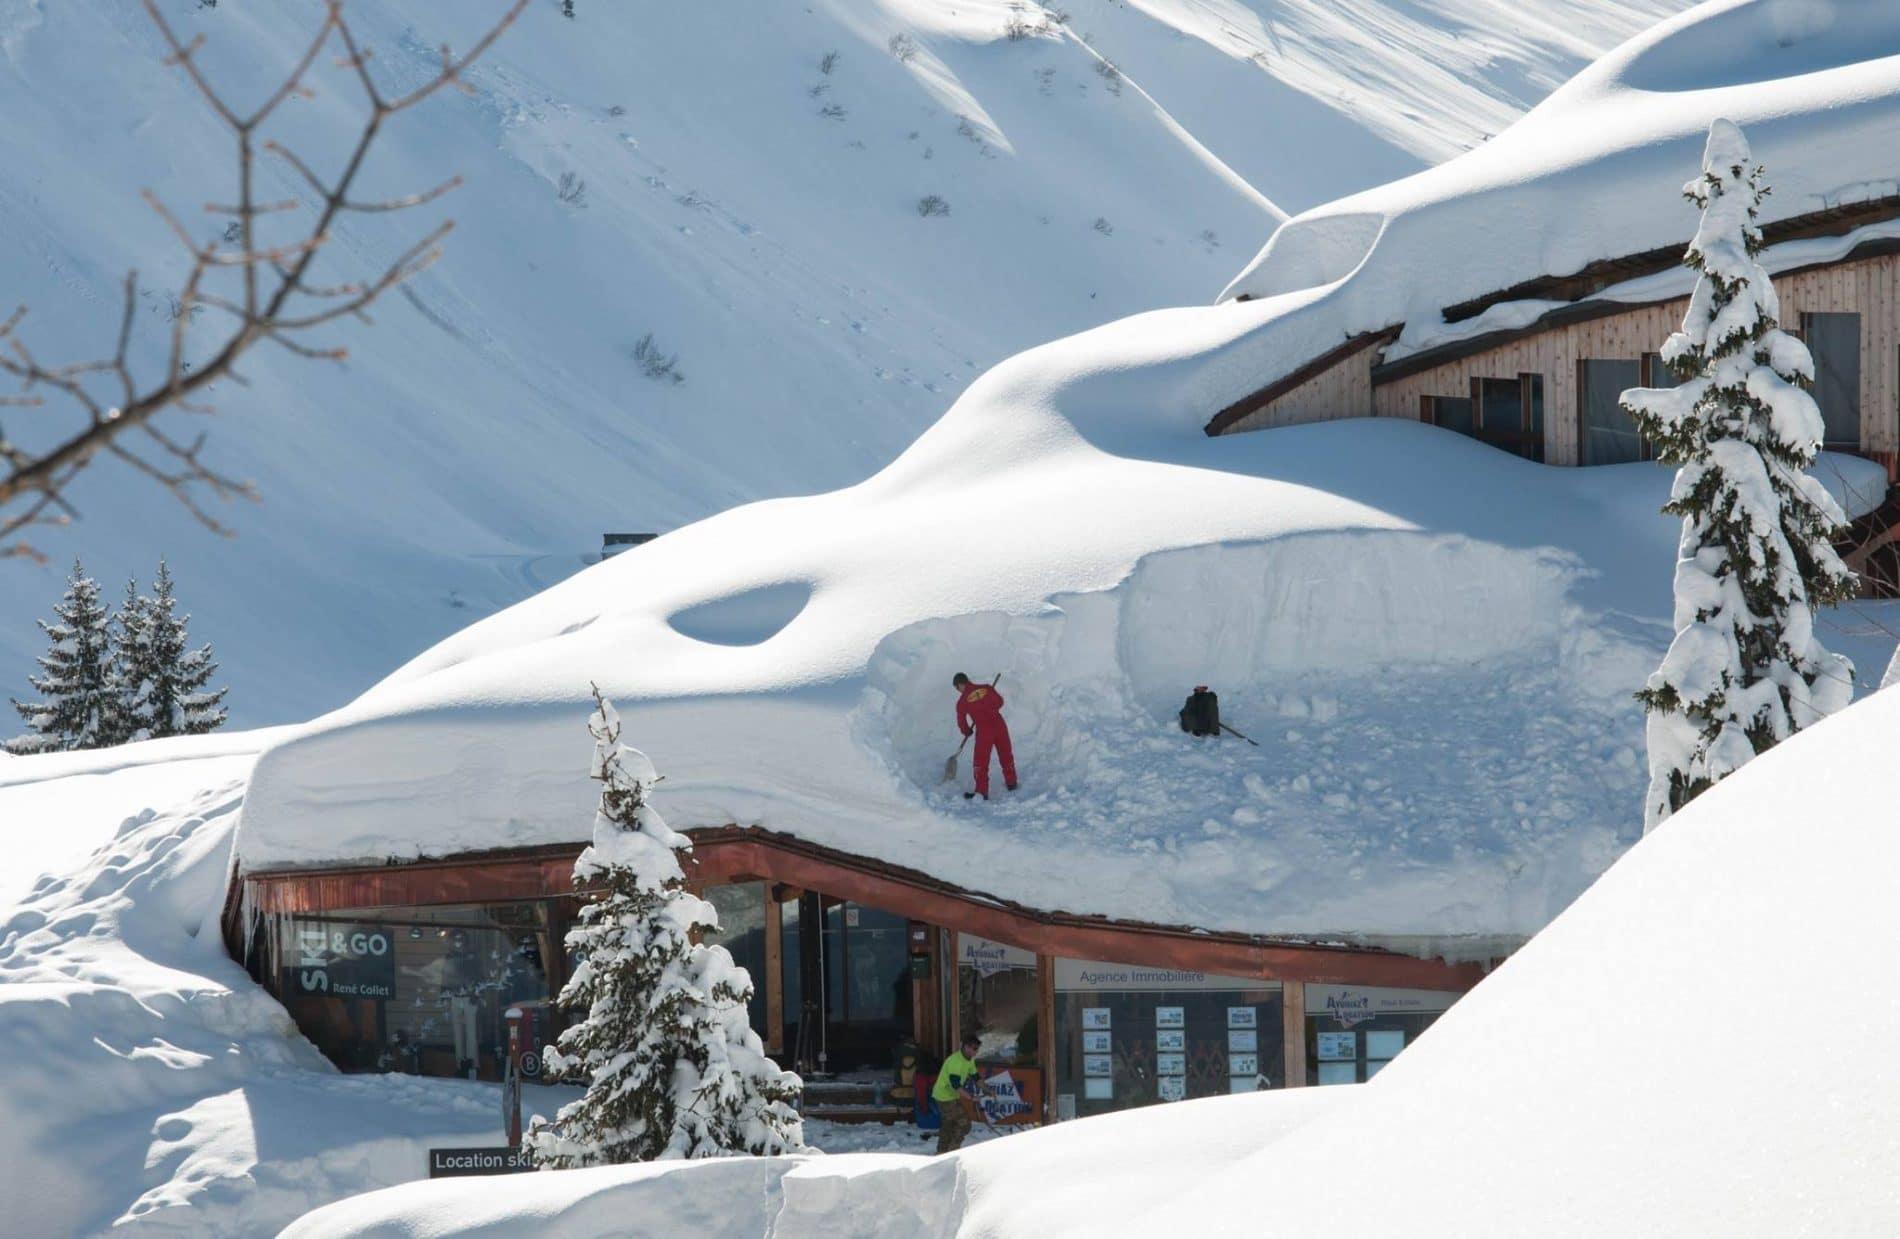 avoriaz snow conditions